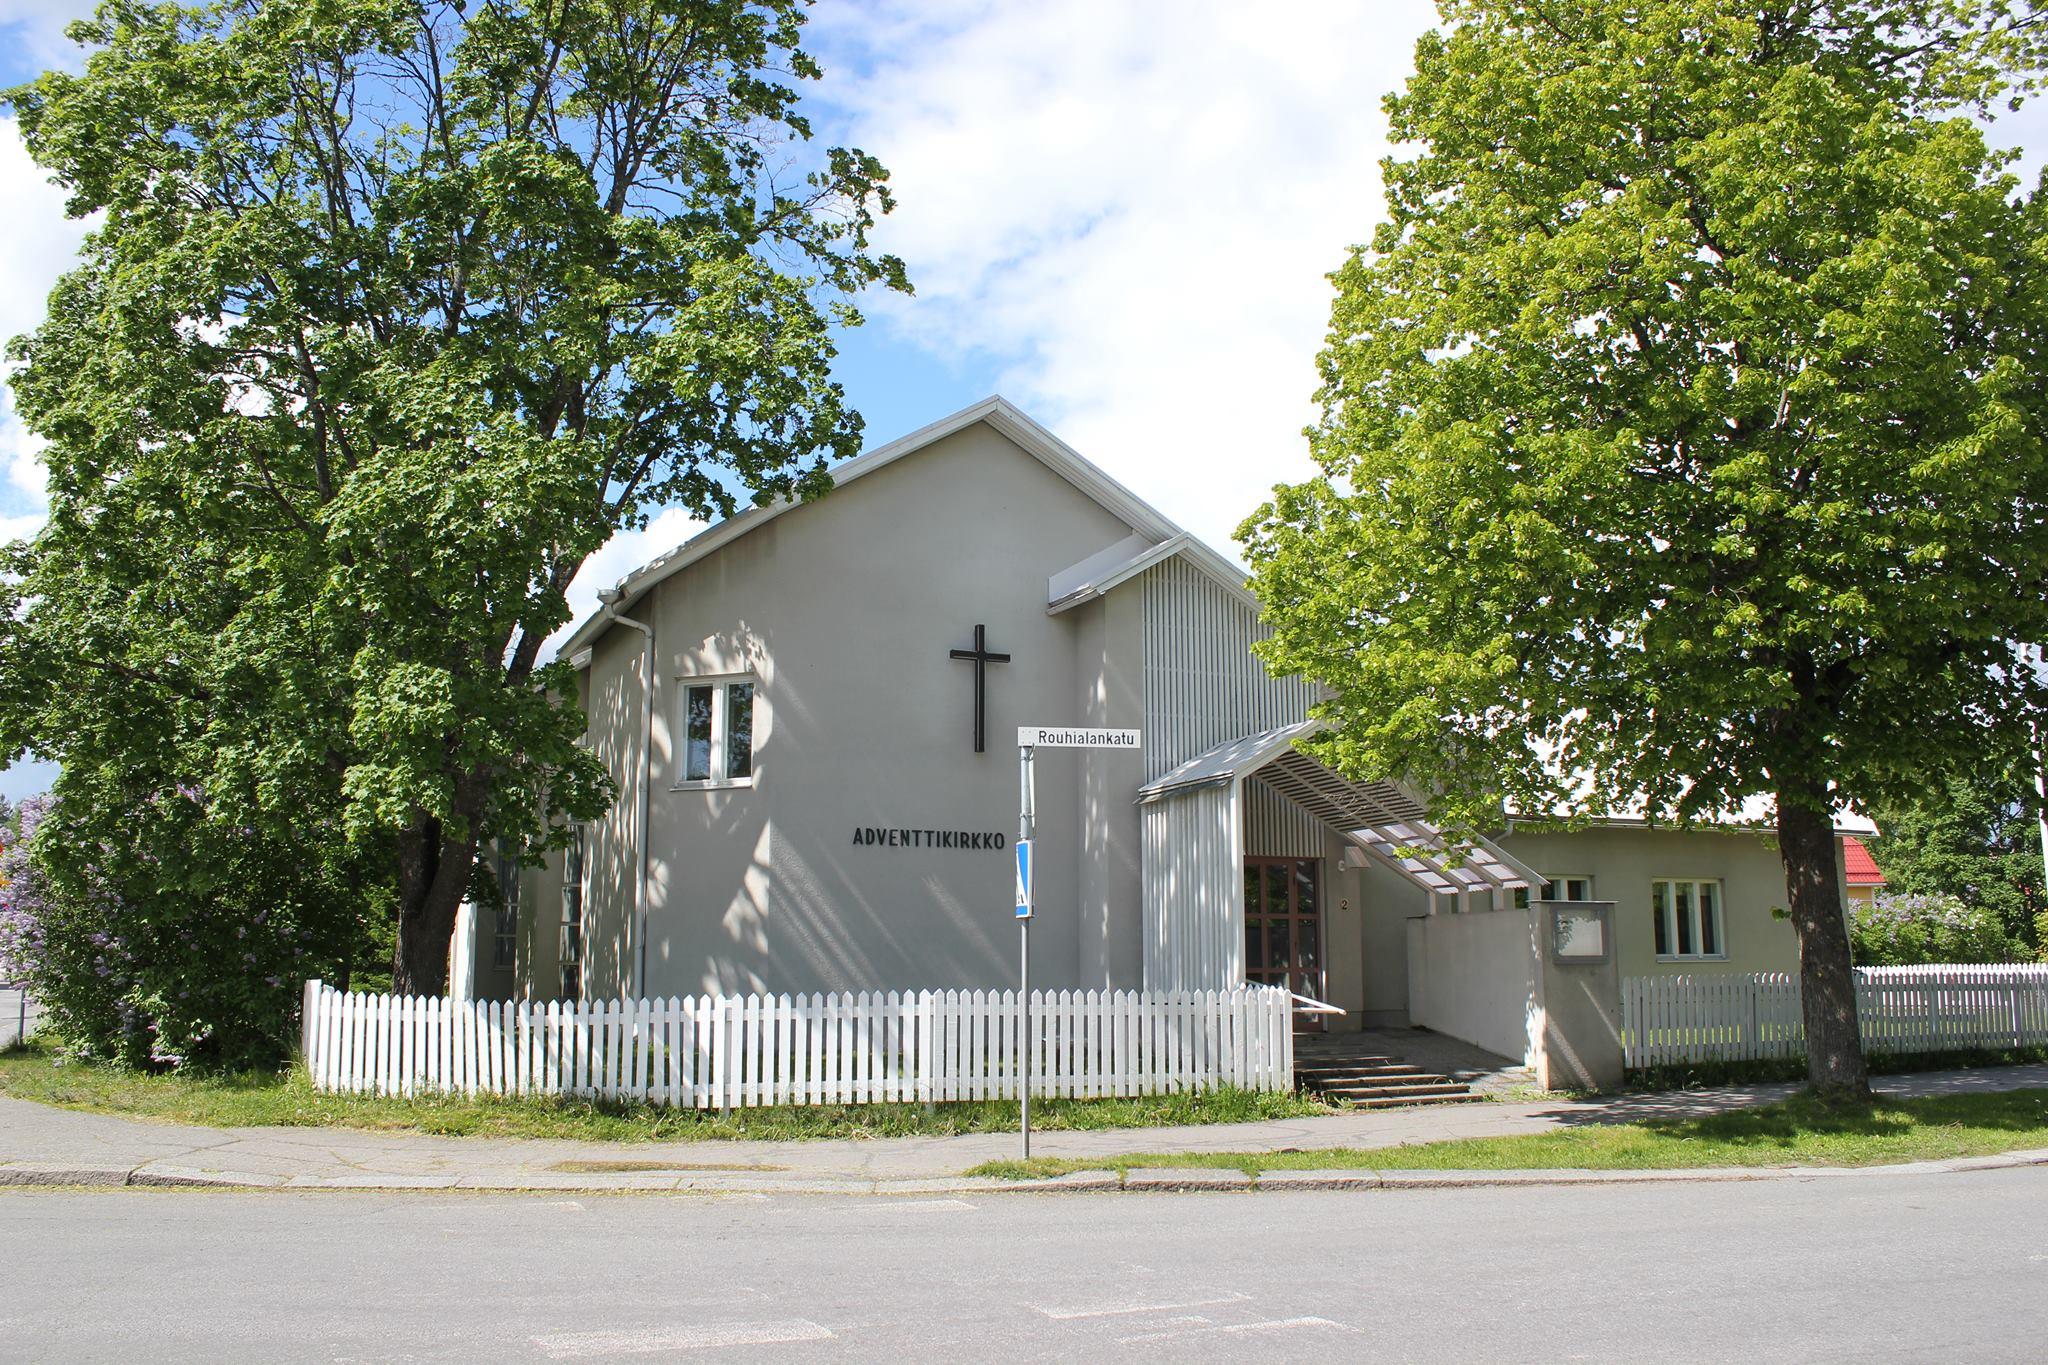 Mikkeli.adventist.fi